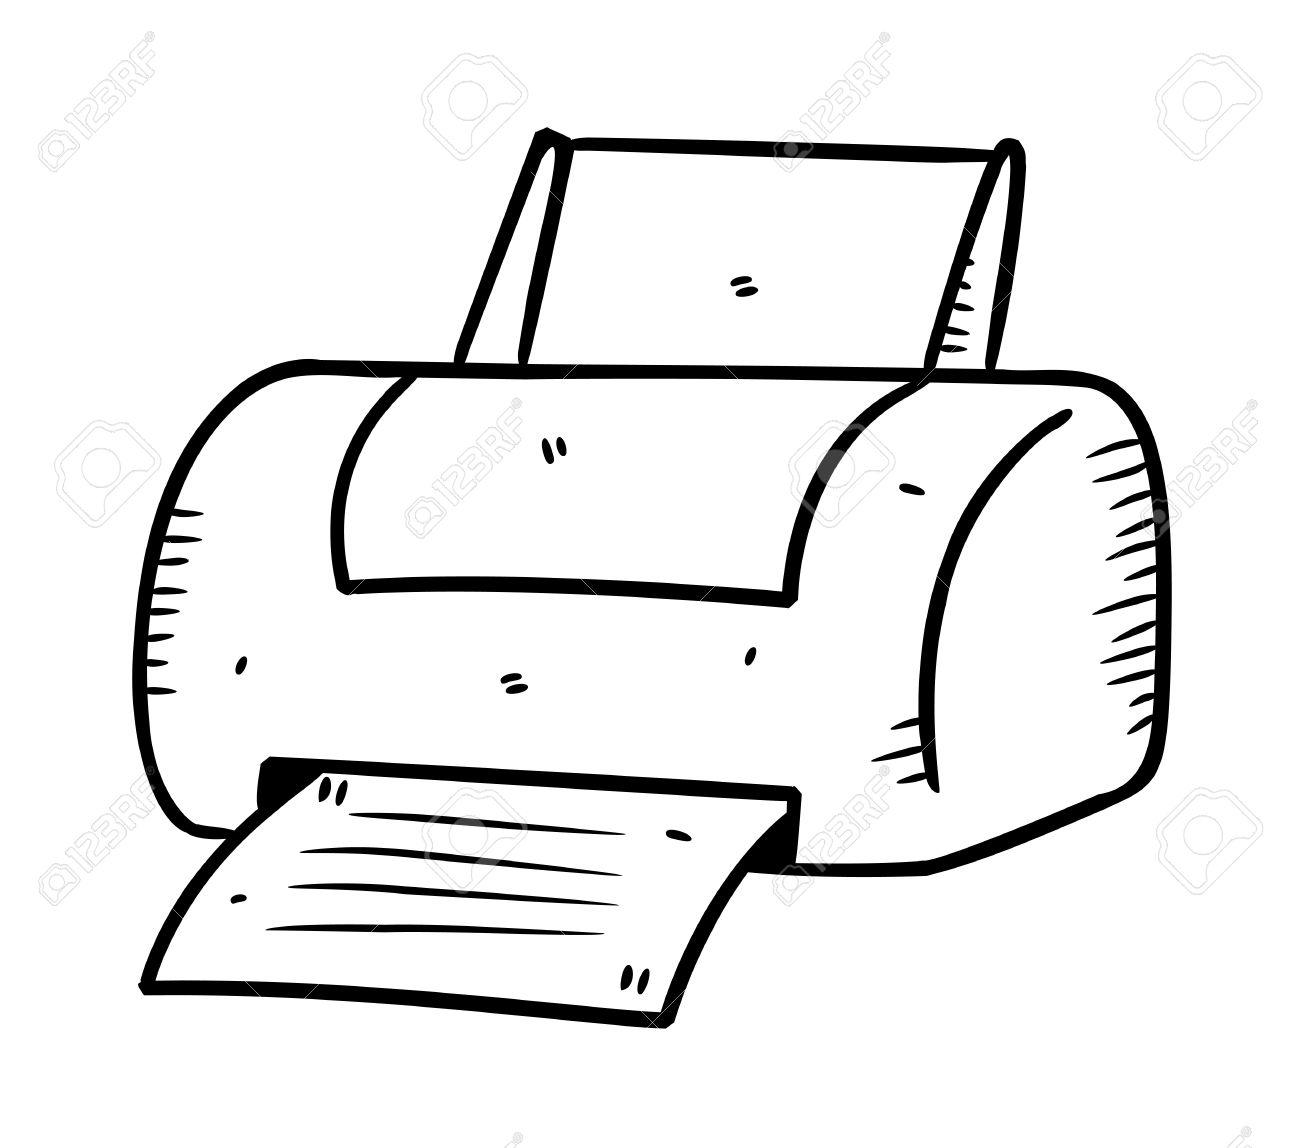 printer drawing at getdrawings com